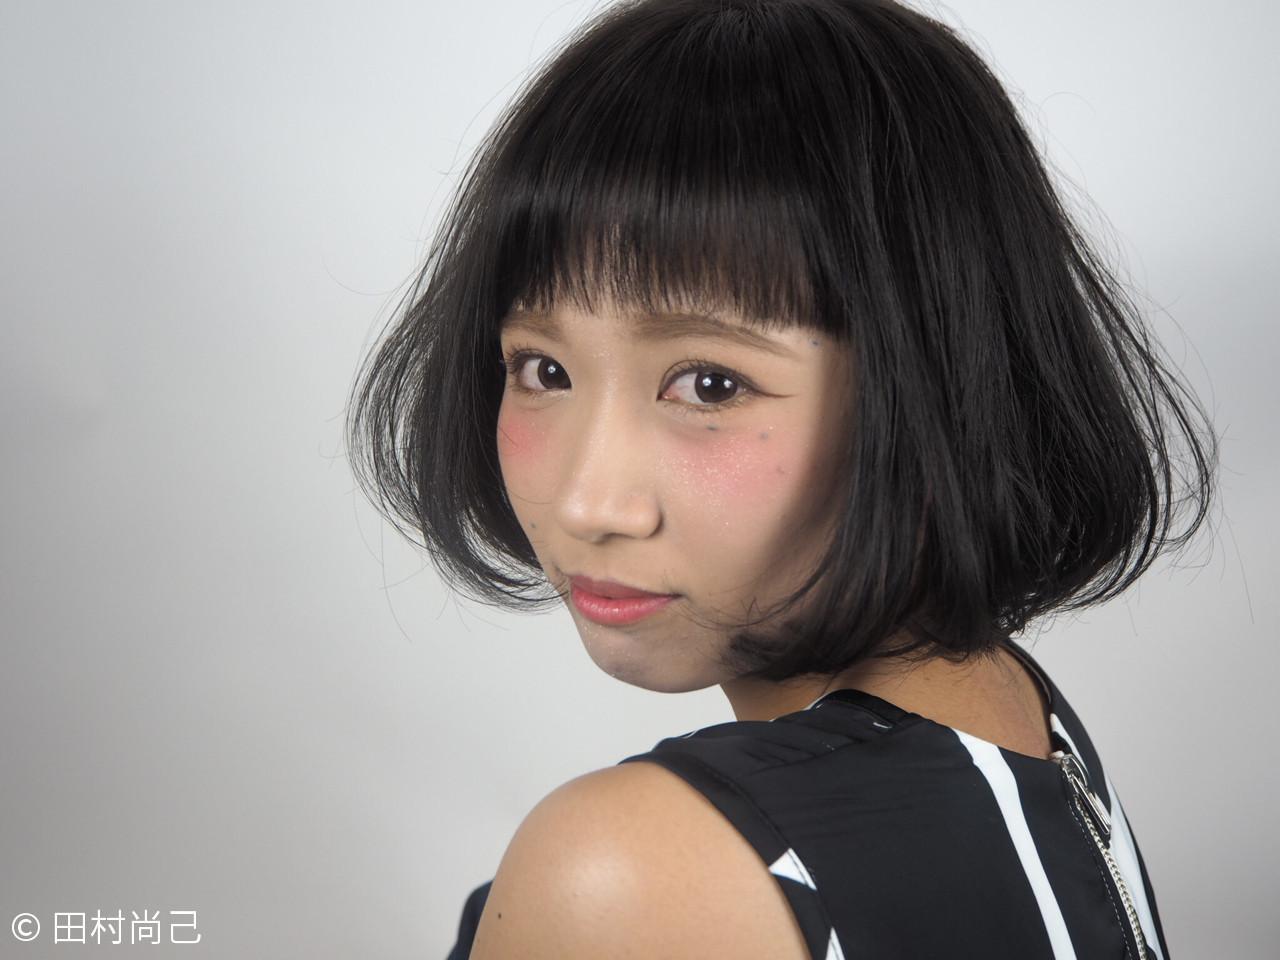 可愛いからハンサムまで♡ワンレン×ショートボブの髪型スタイル Naoki Tamura